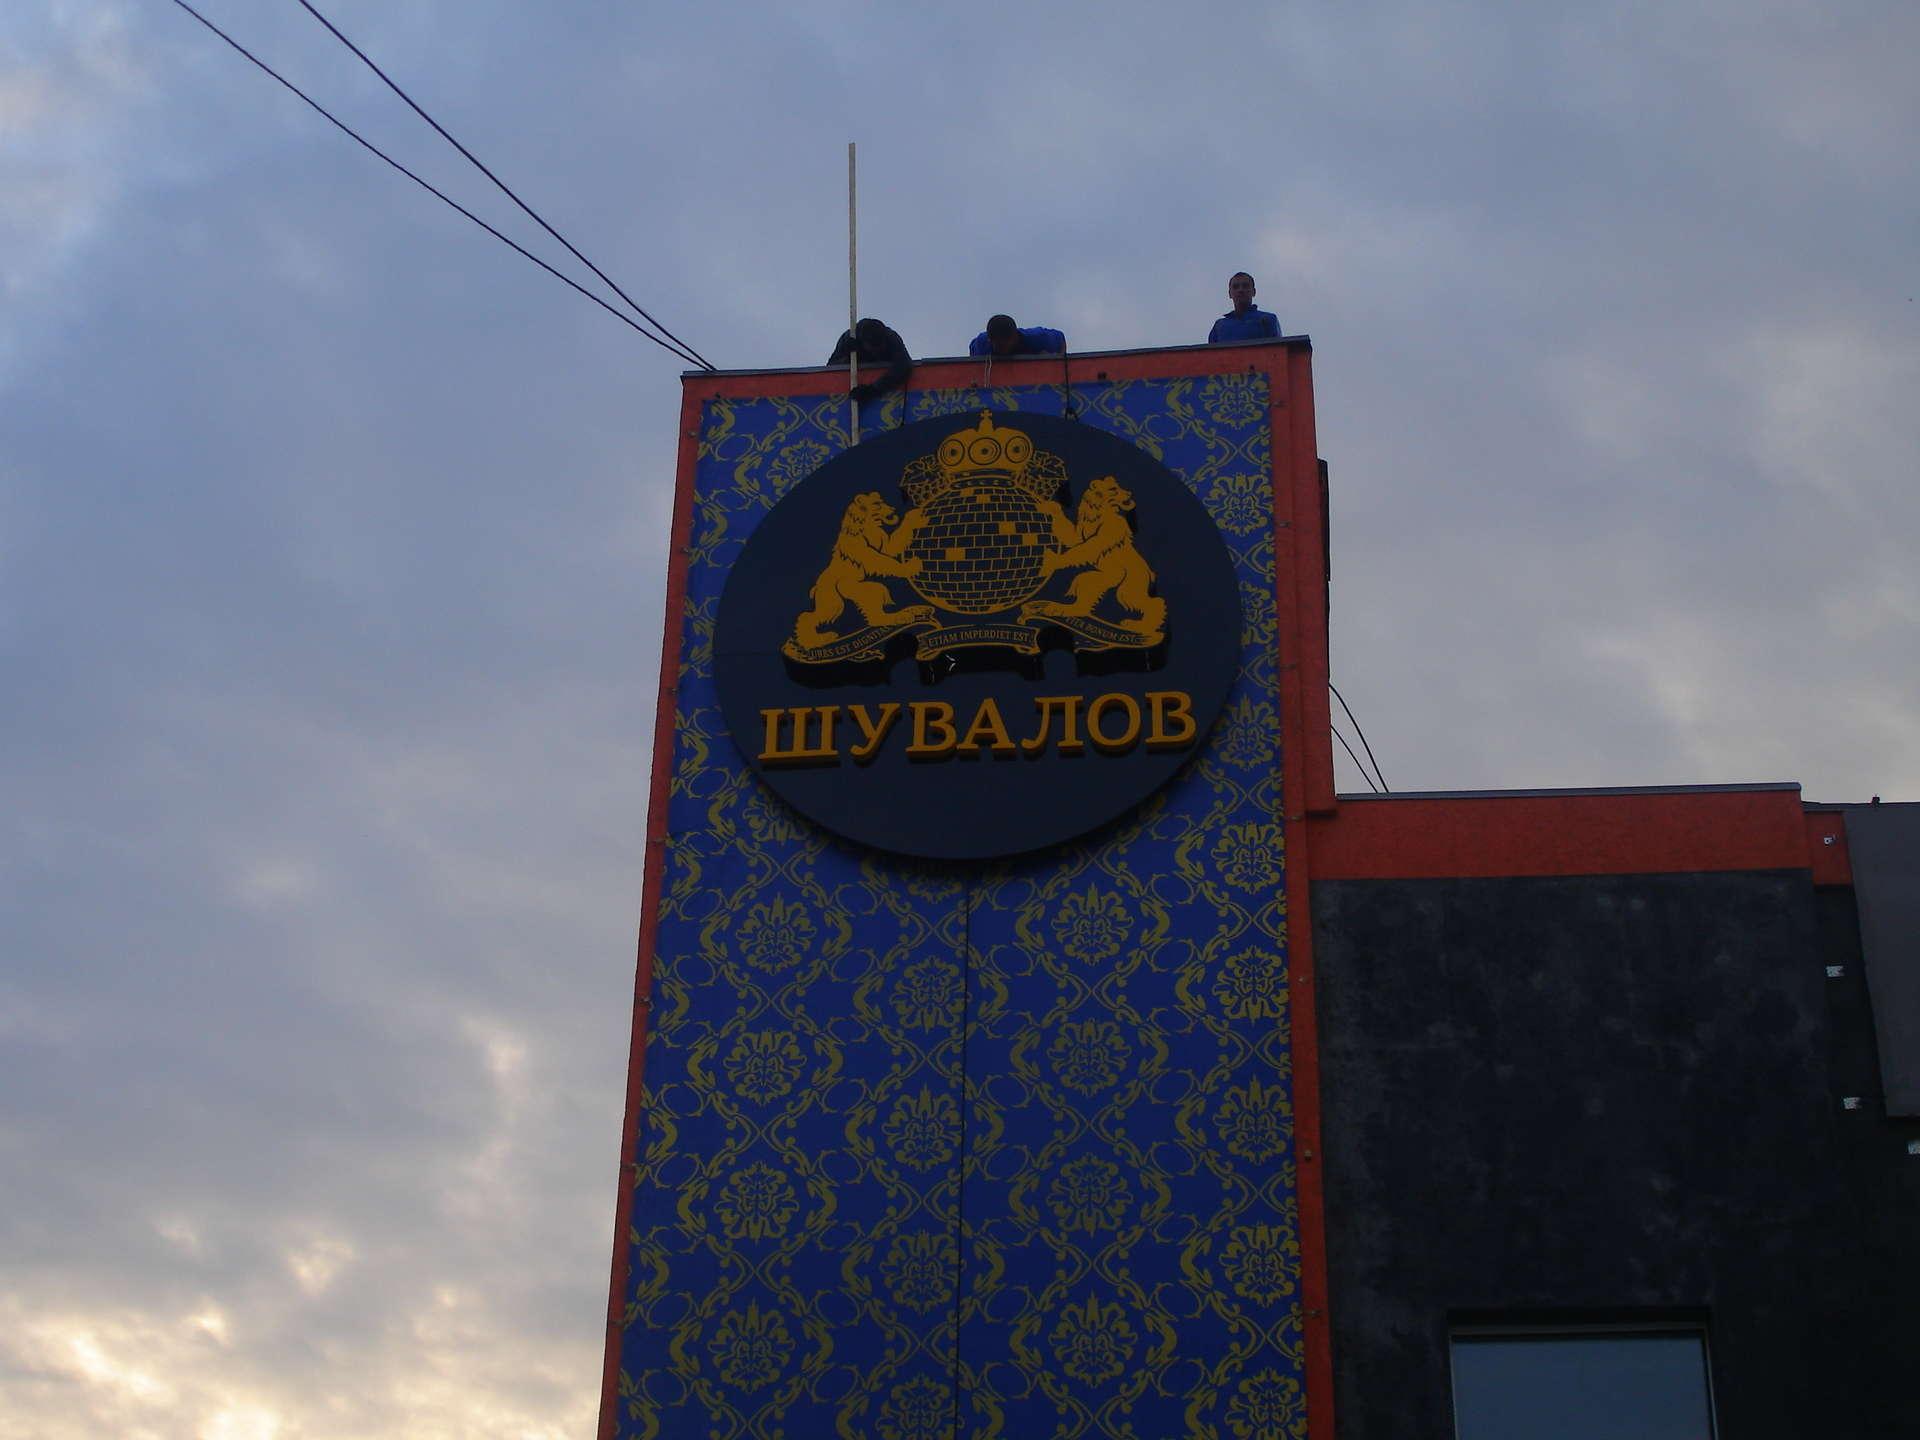 санкт петербург объявления знакомства форум